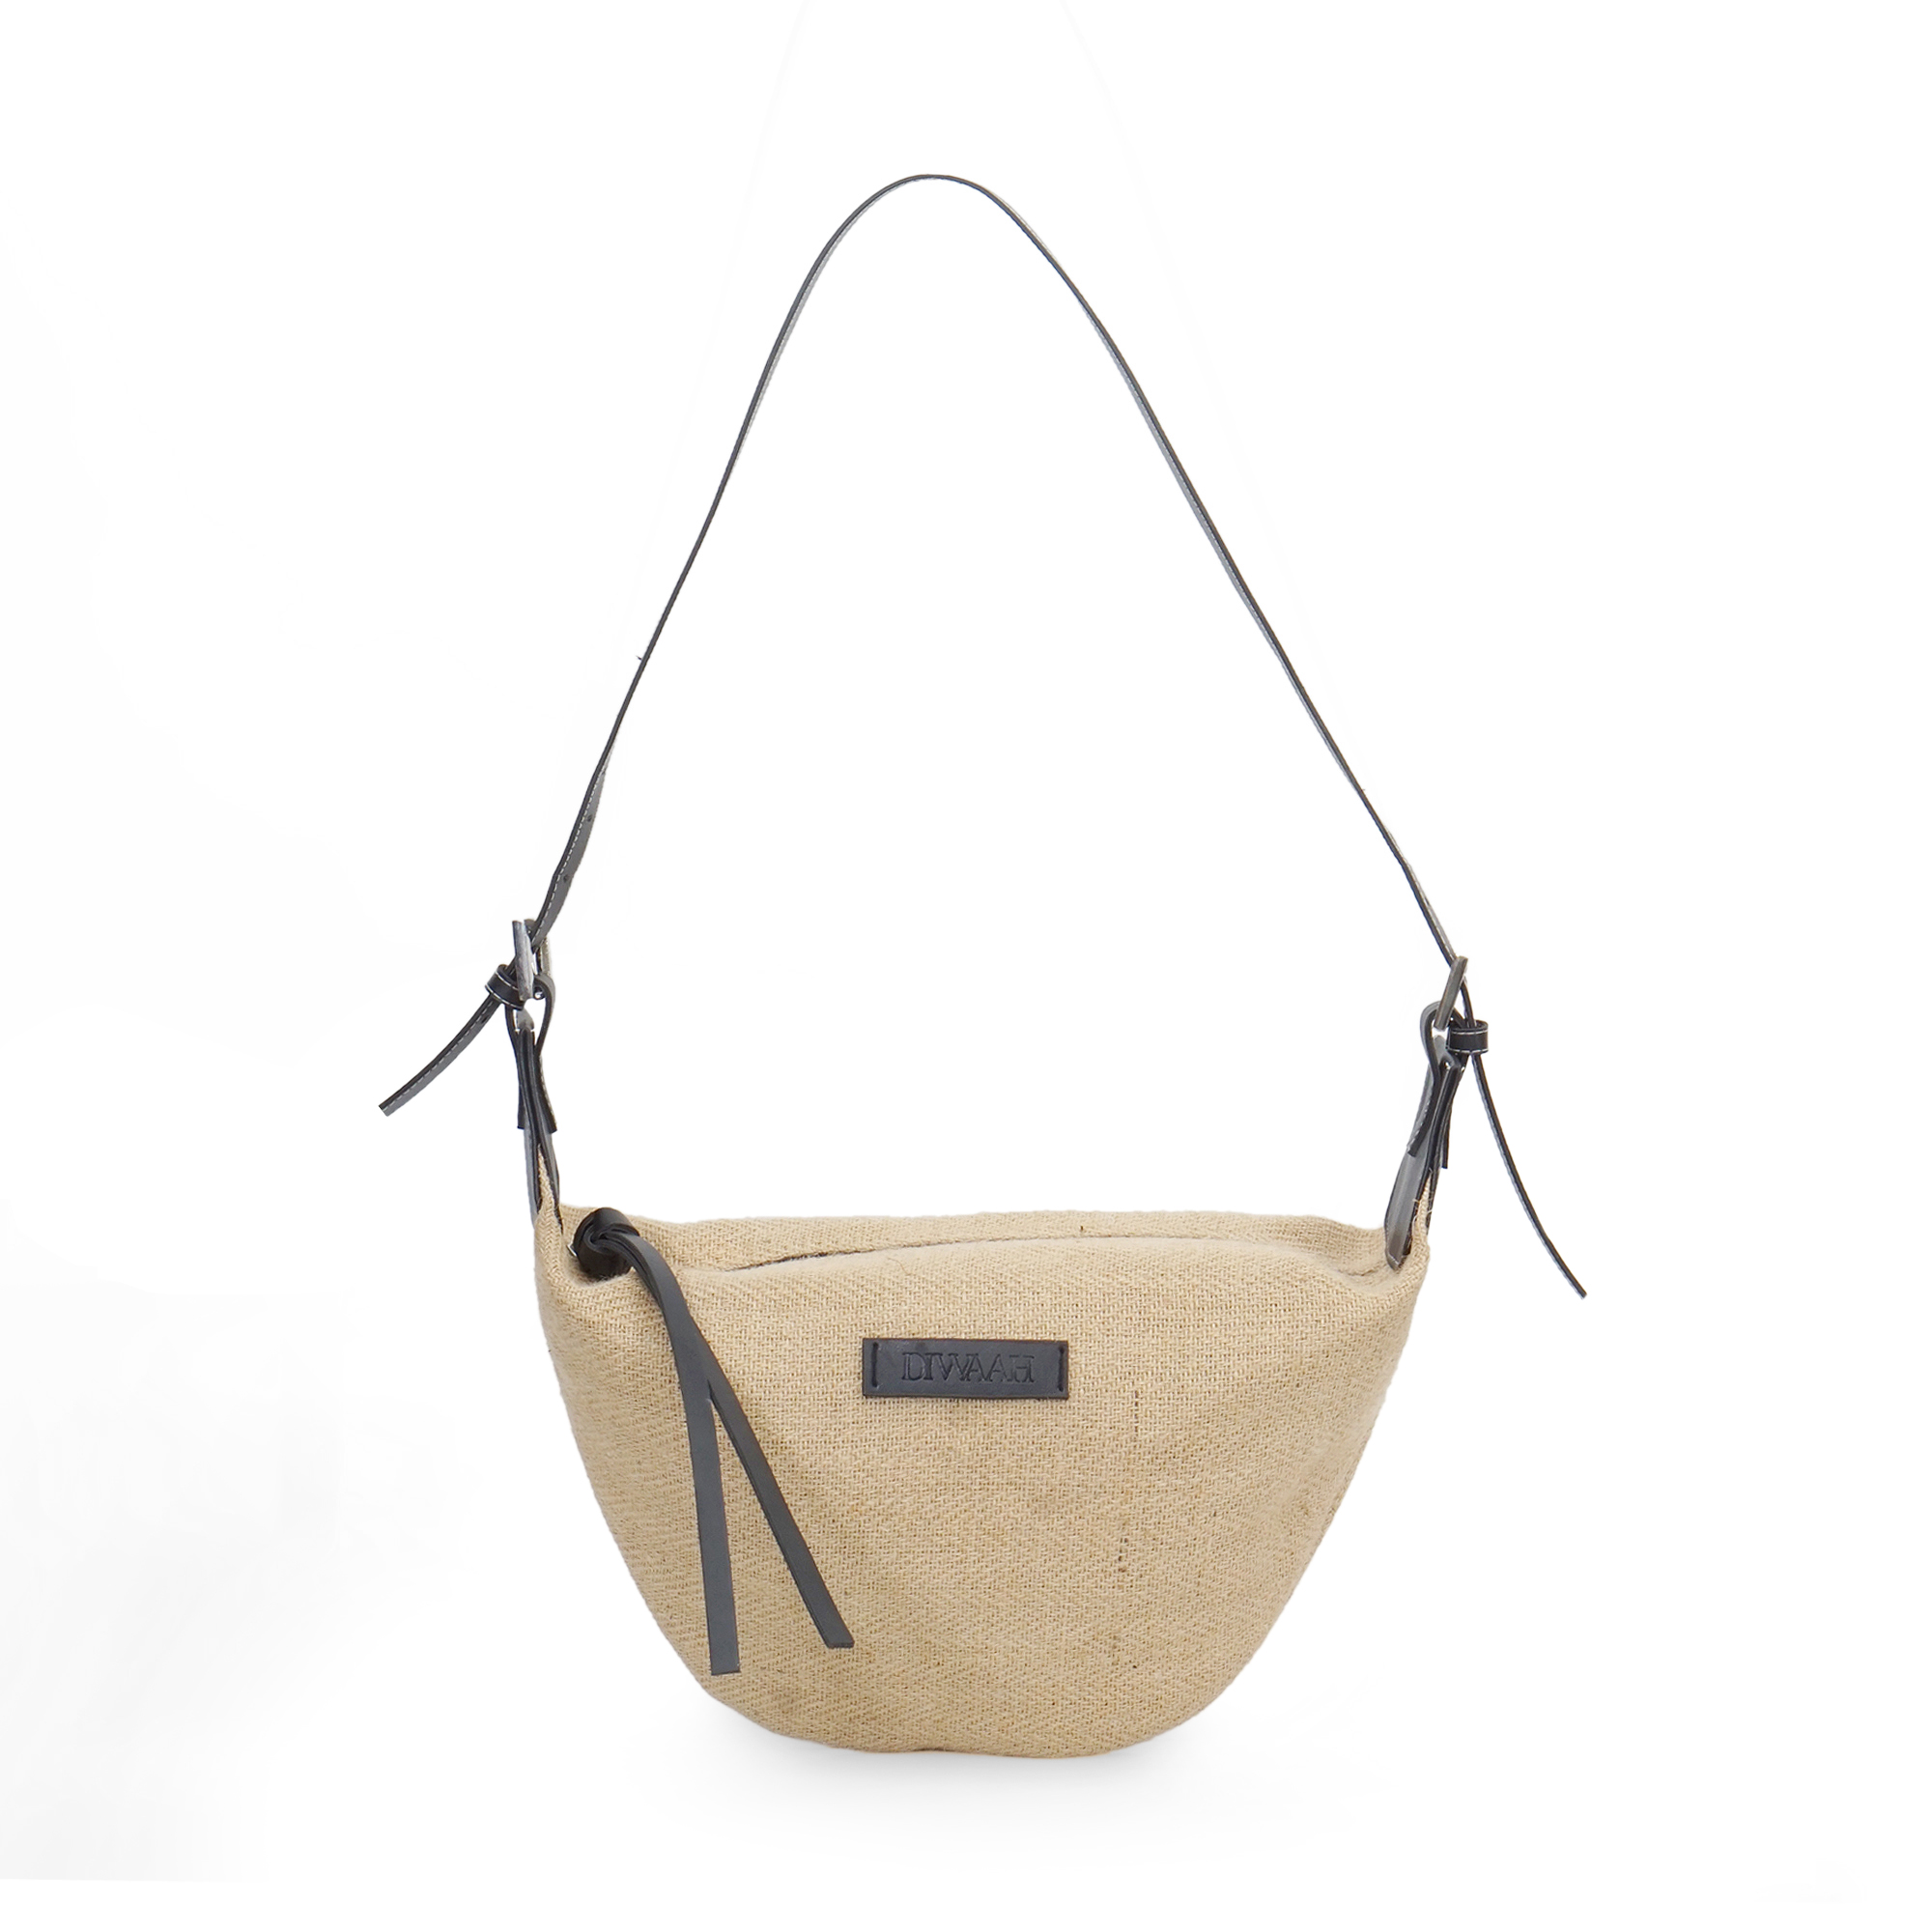 DIWAAH | Diwaah Beige Color Casual Sling Bag